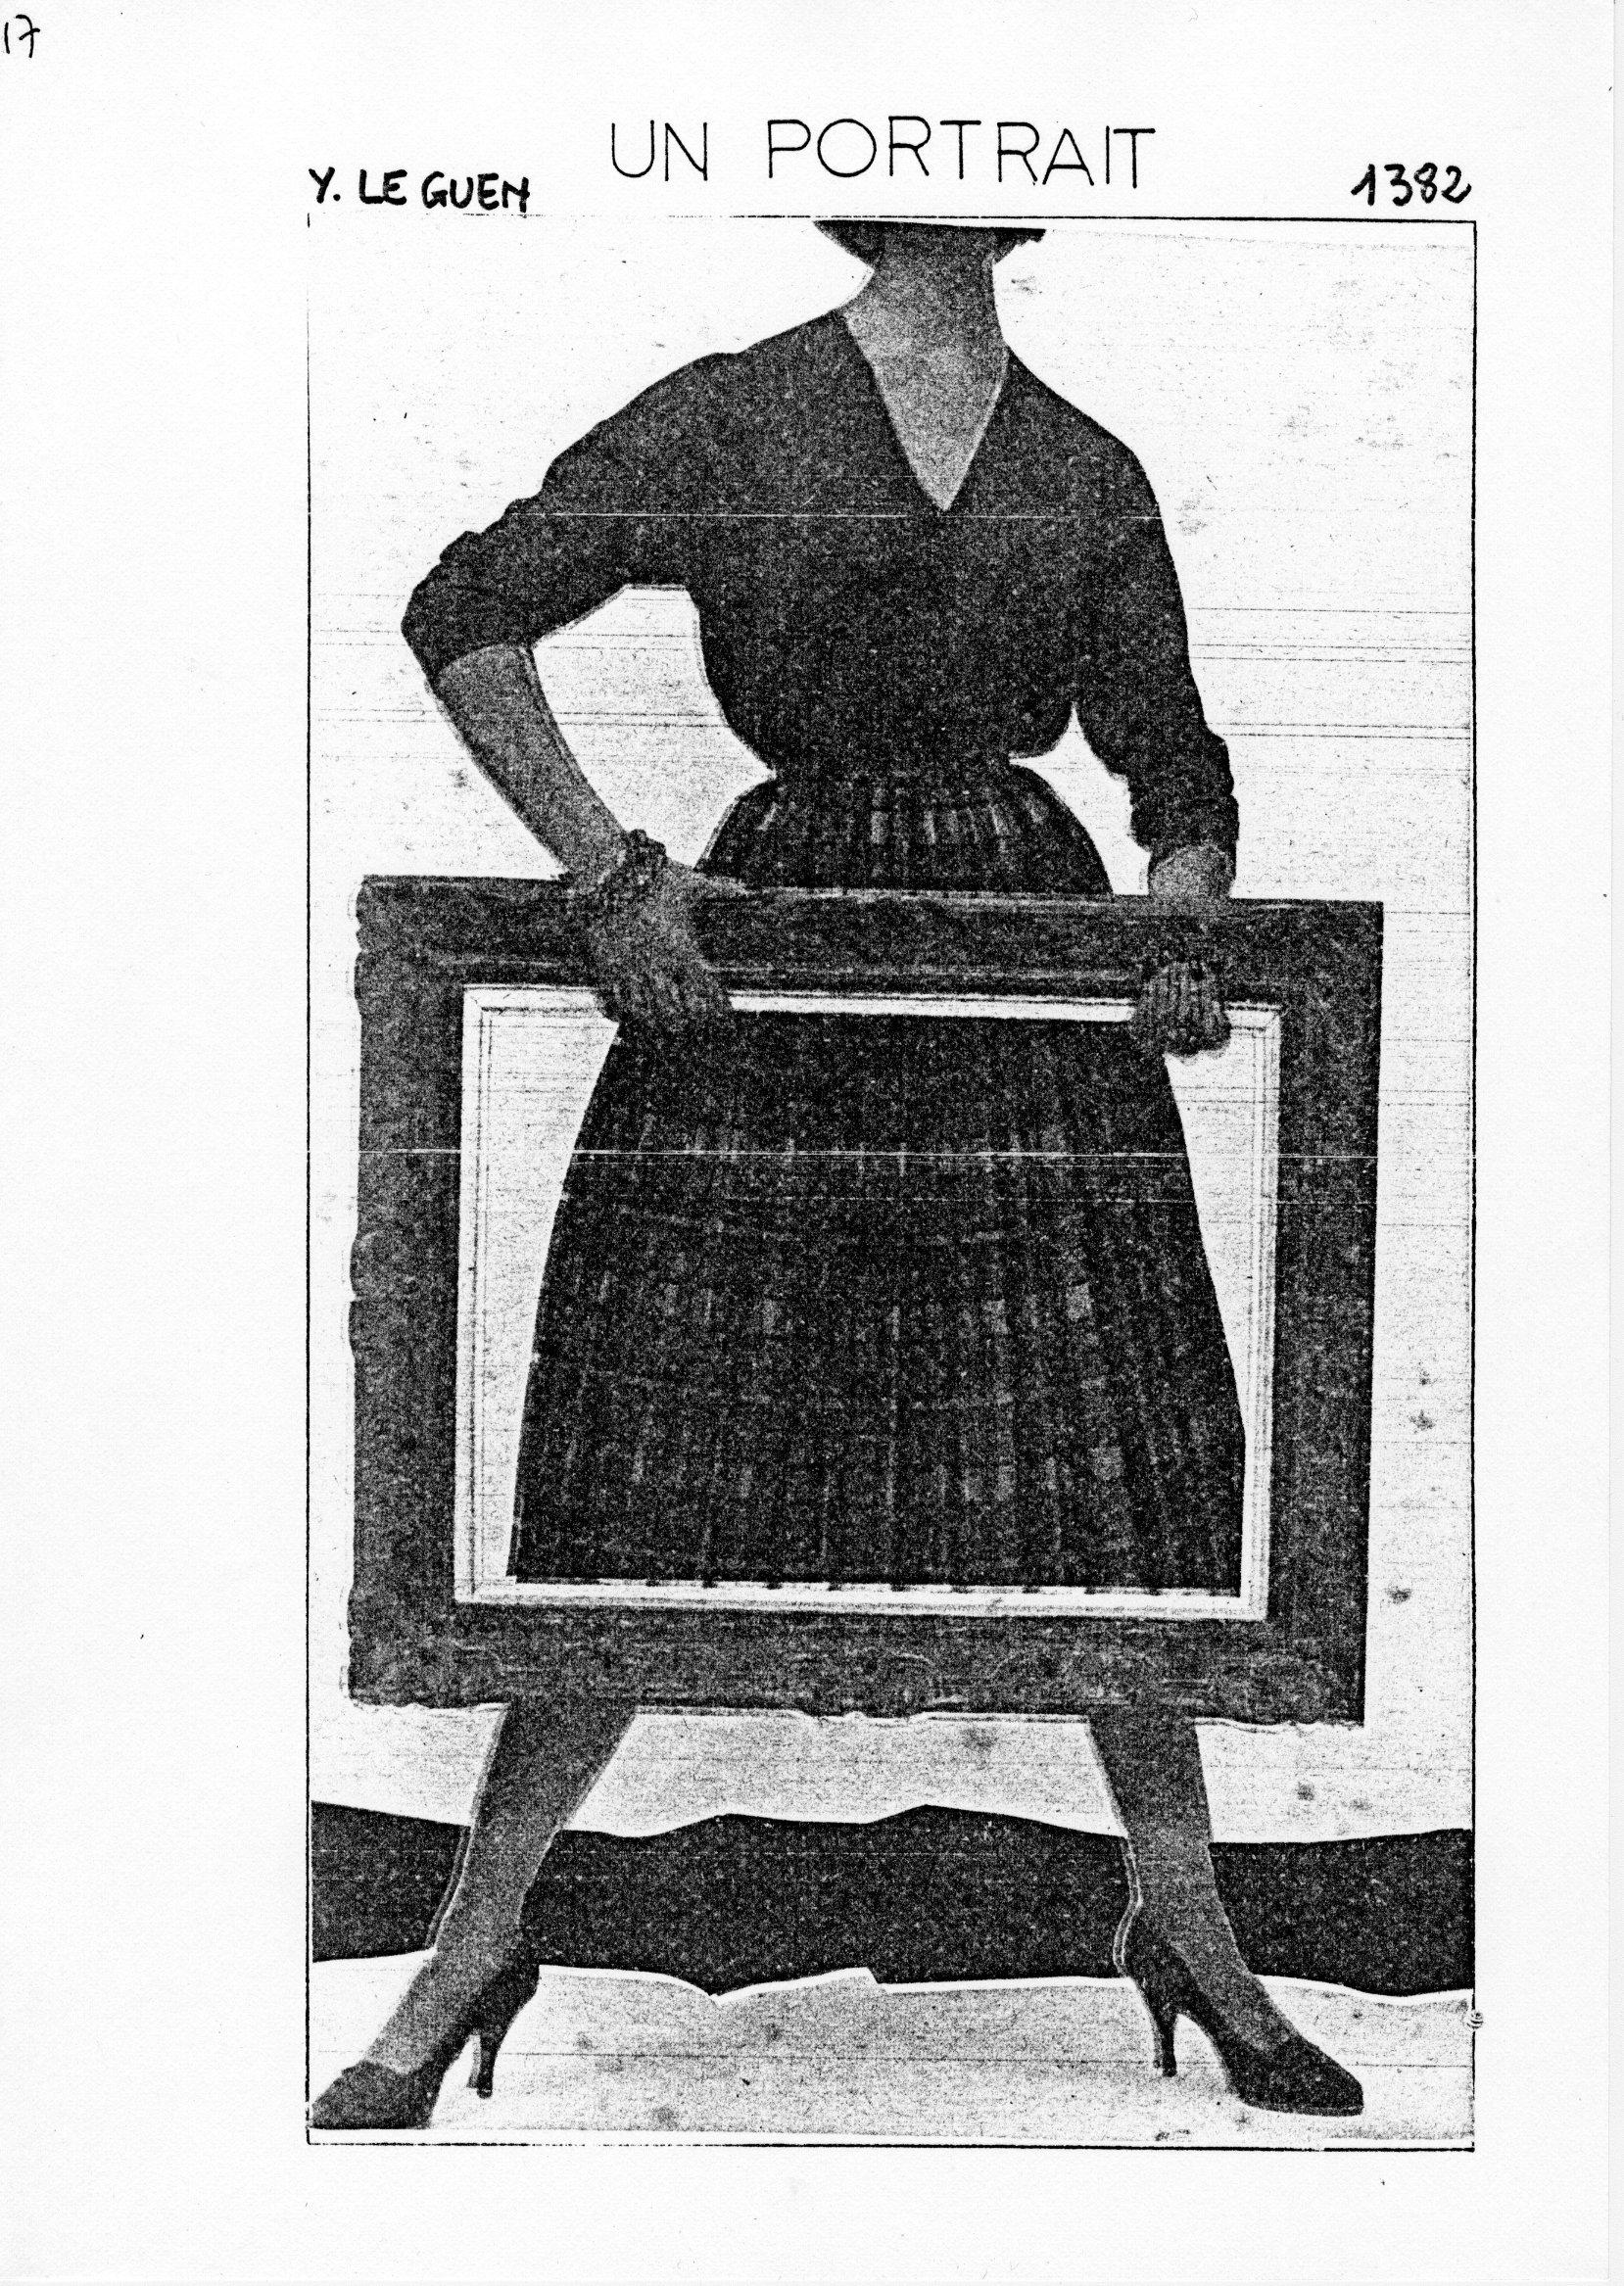 page 1382 Y. Leguen UN PORTRAIT